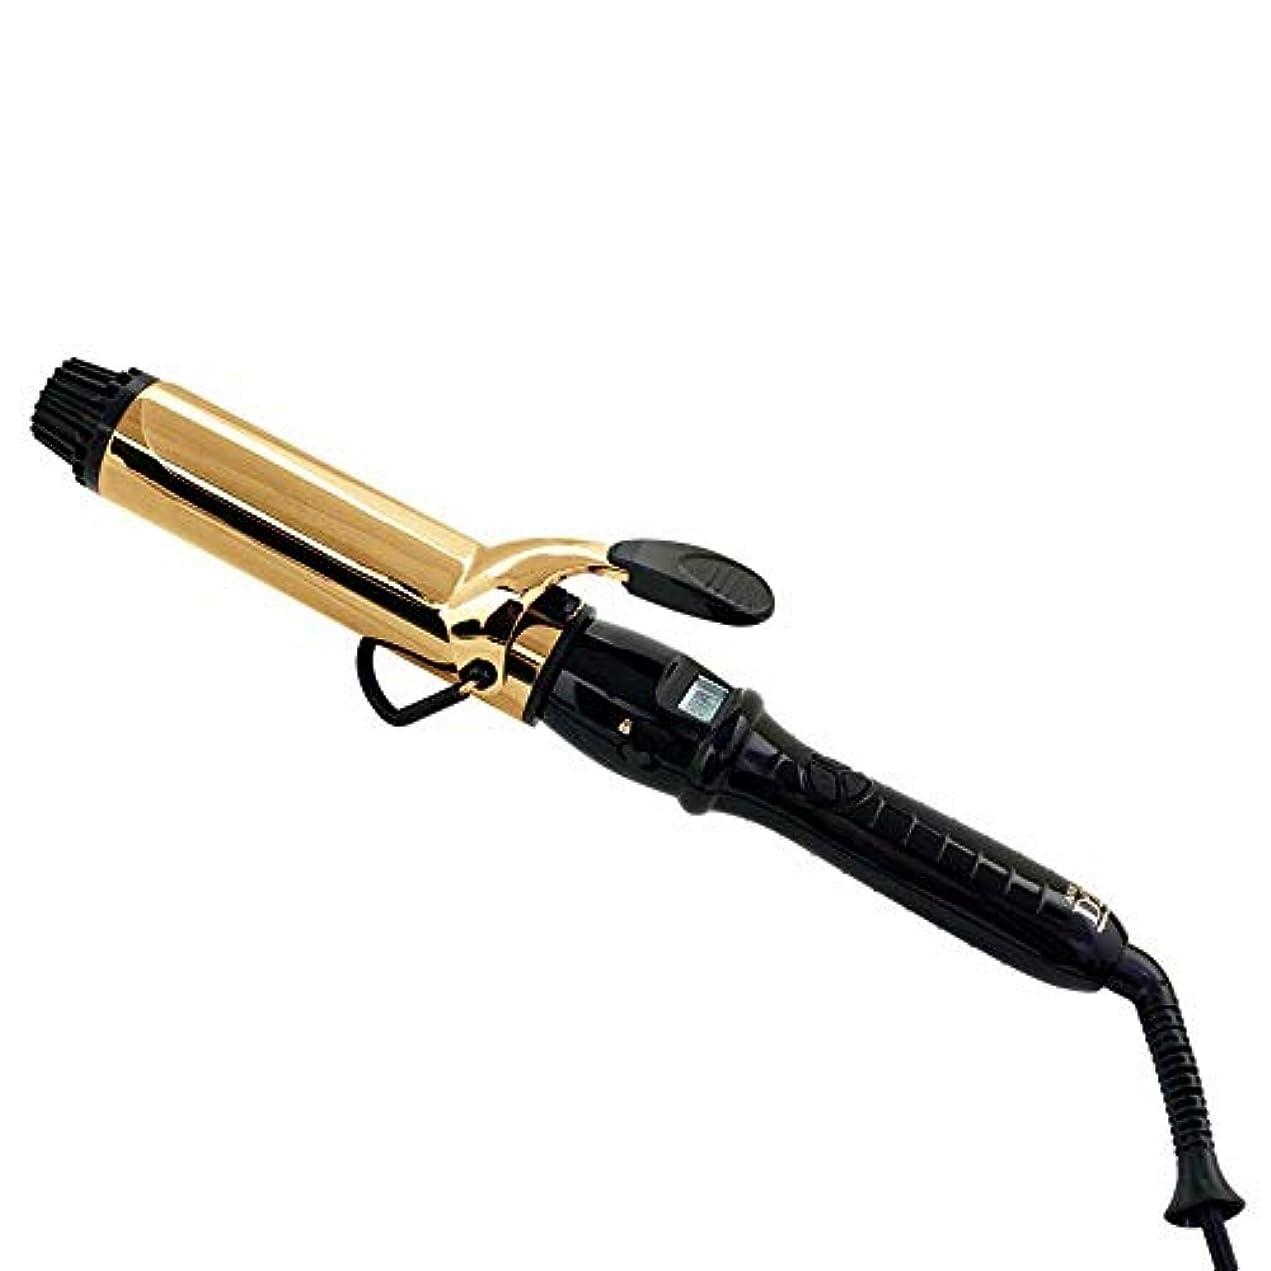 遵守する魅力有力者トリコインダストリーズ D2アイロン ゴールドバレル 32mm 1台